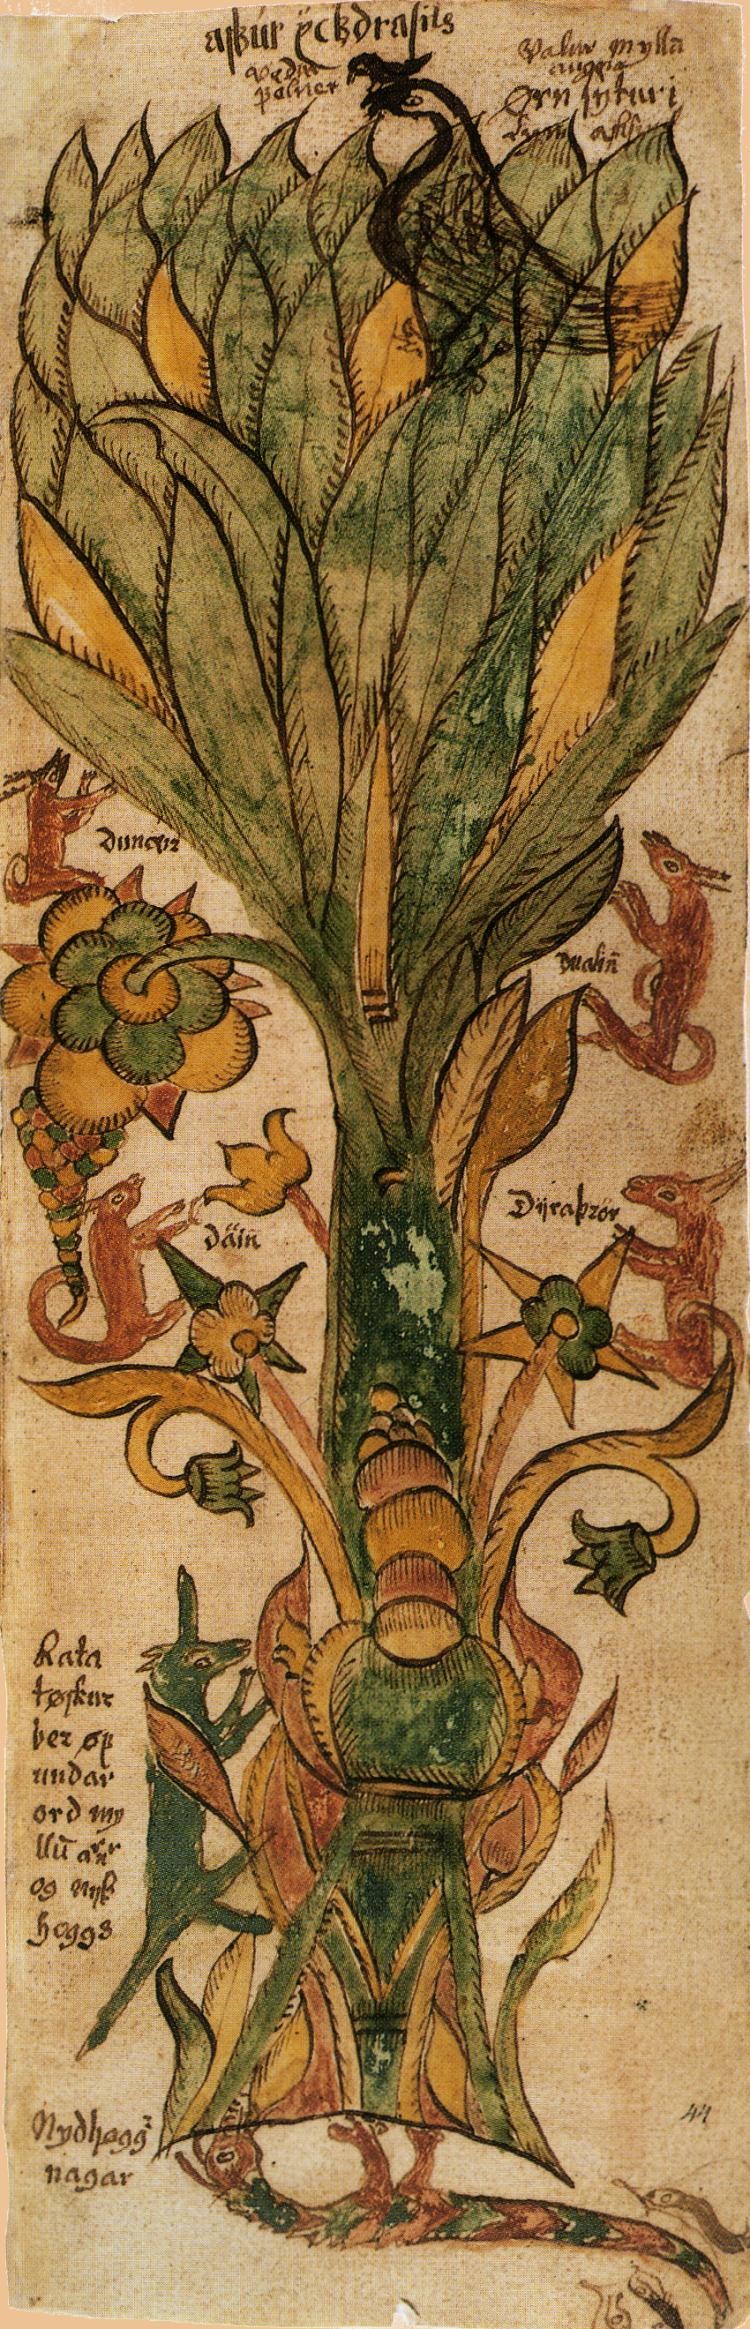 El árbol del mundo, el Yggdrasil, está habitado por una serie de fantasticos animales que dan una idea acerca de la concepción que los antiguos habitantes nórdicos tenían del universo como se puede ver en esat imagen tomada de n antiguo manuscrito.